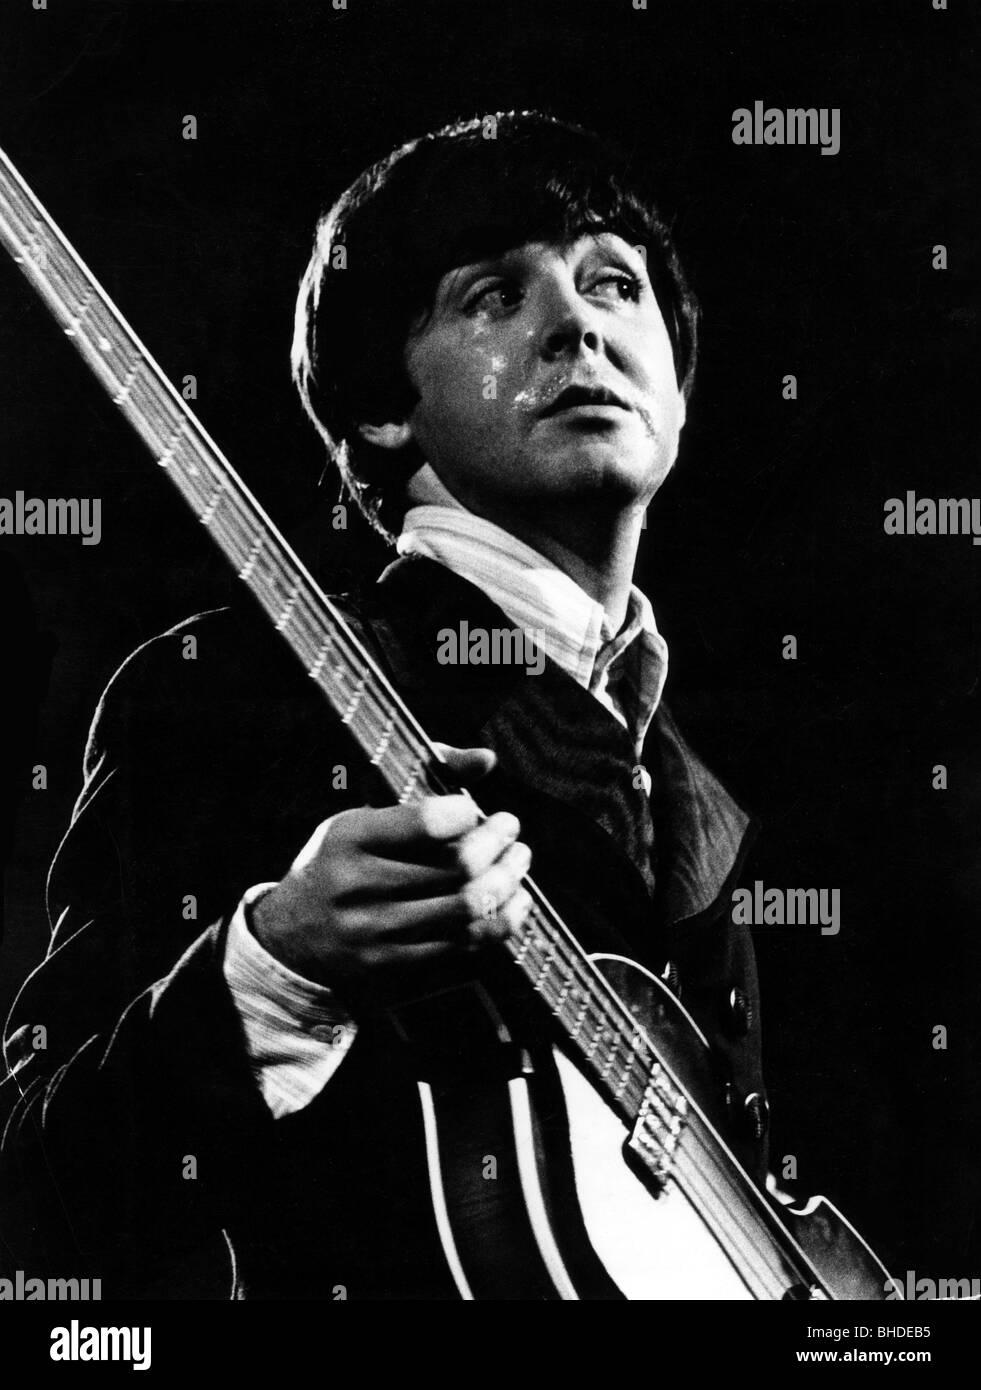 Paul McCartney, * 18.6.1942, cantante y músico británico, (los Beatles) de longitud media, cantando en concierto, Foto de stock